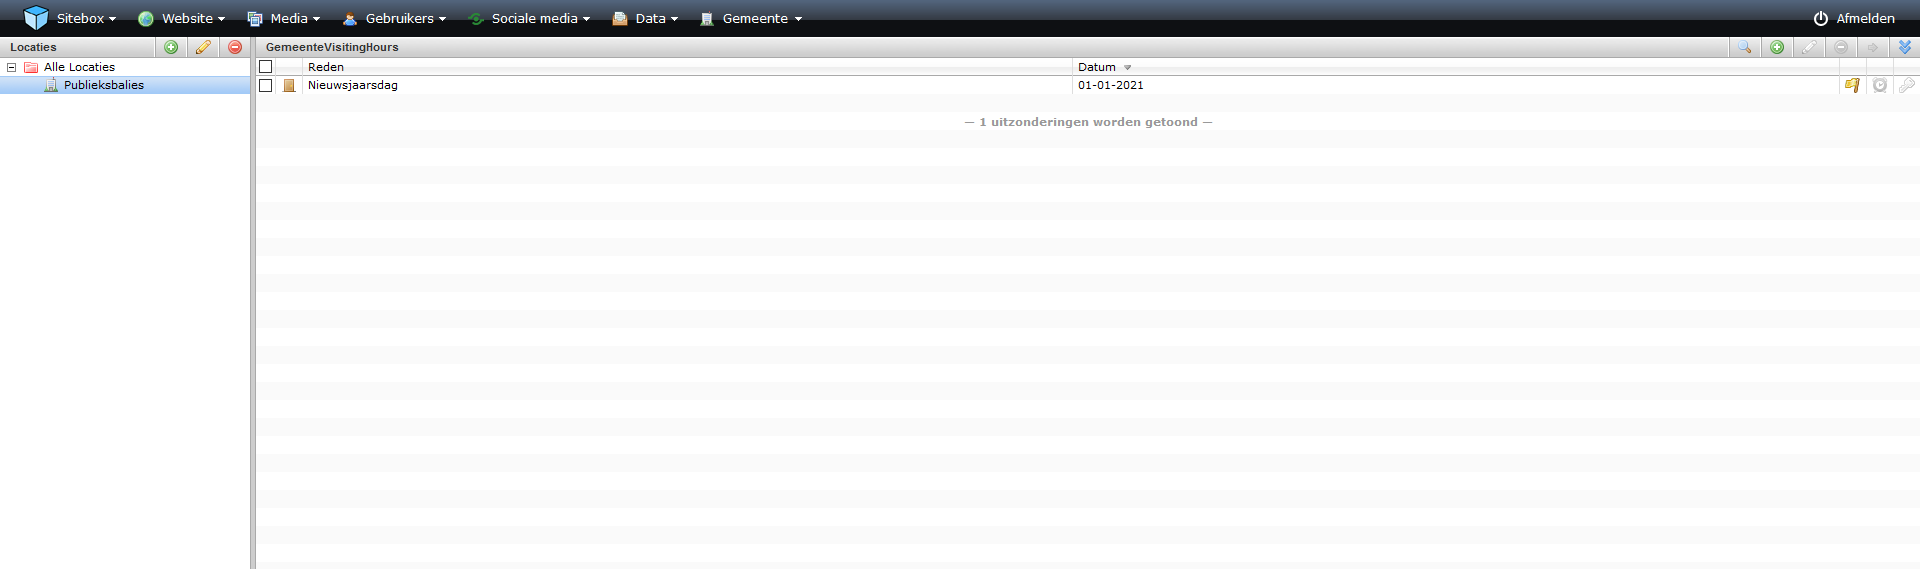 schermafdruk van een overzicht van de module